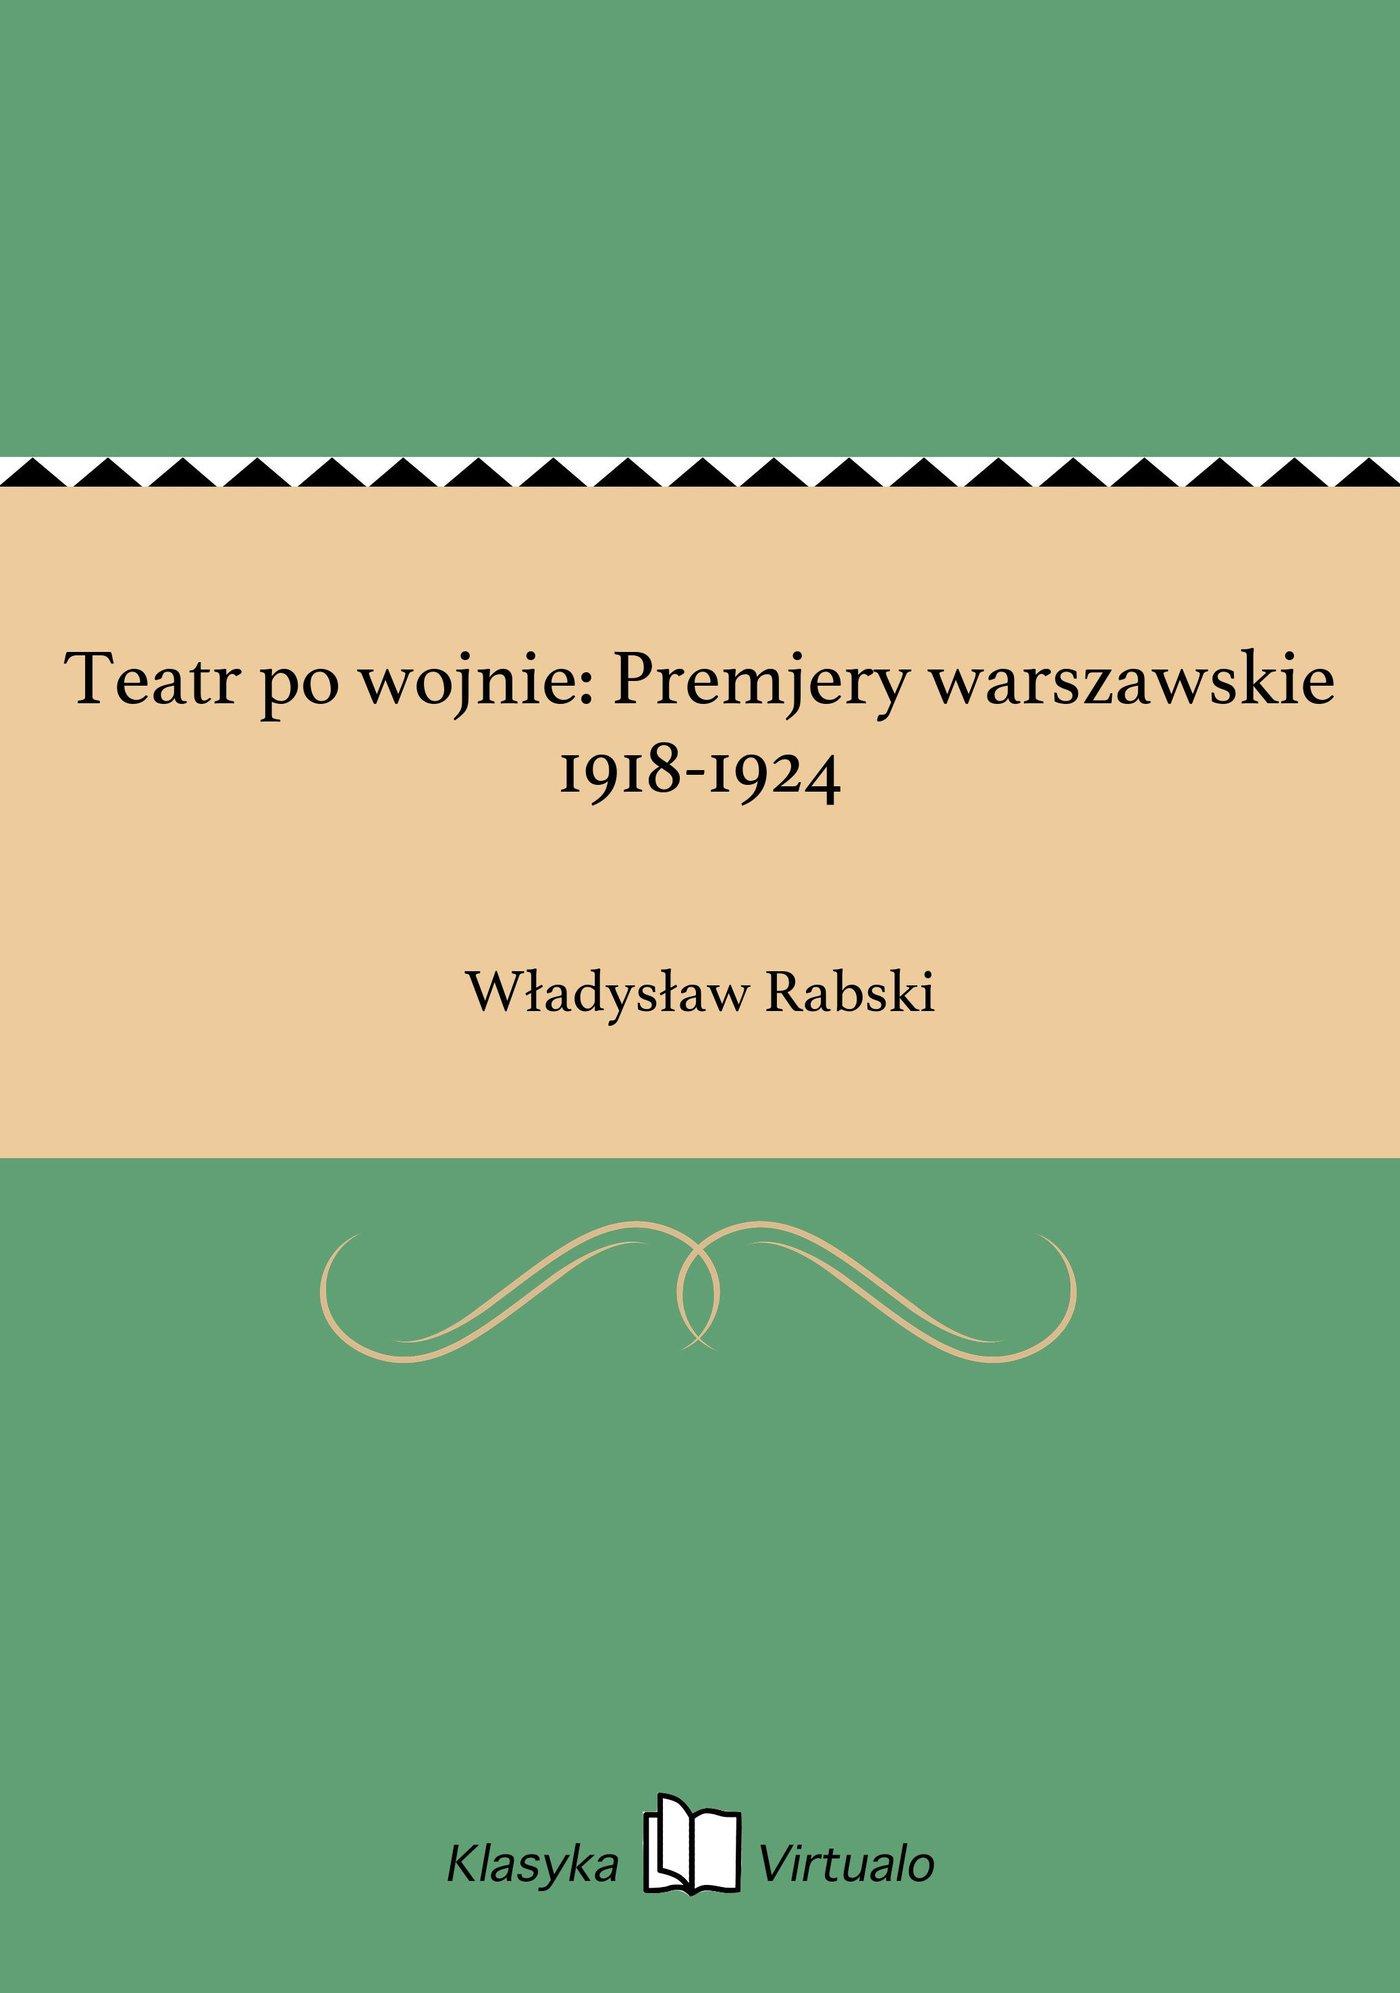 Teatr po wojnie: Premjery warszawskie 1918-1924 - Ebook (Książka EPUB) do pobrania w formacie EPUB